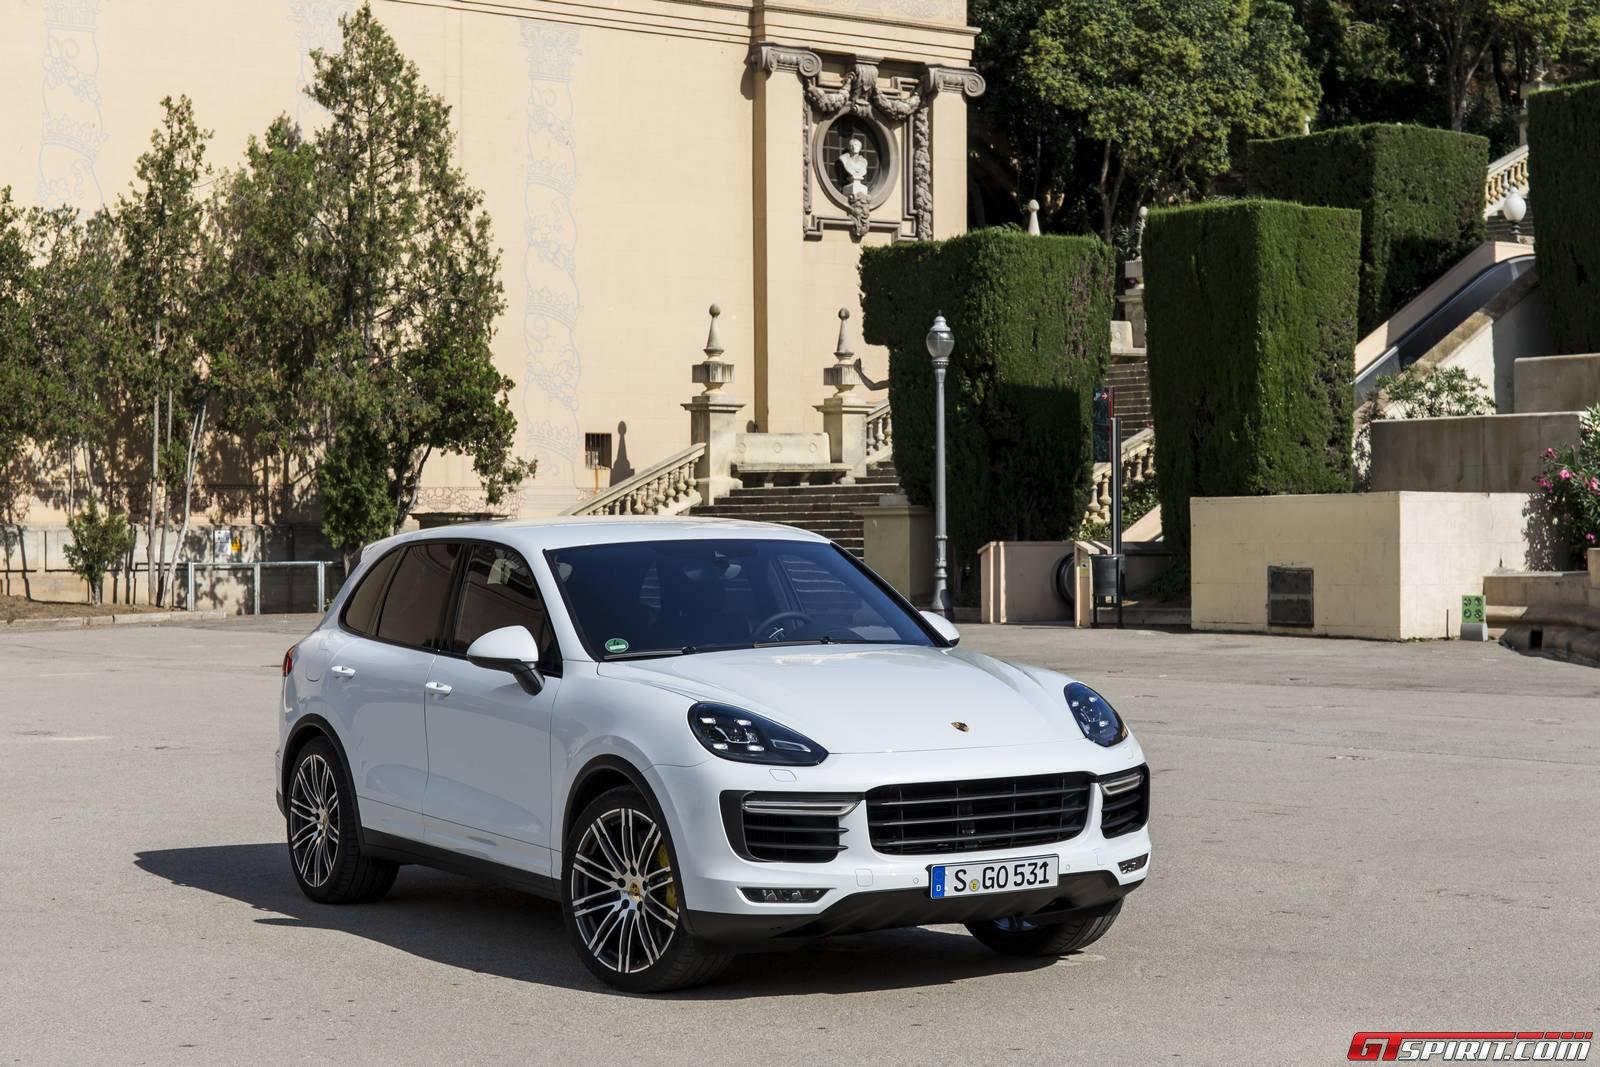 2015 Porsche Cayenne Facelift Review - GTspirit